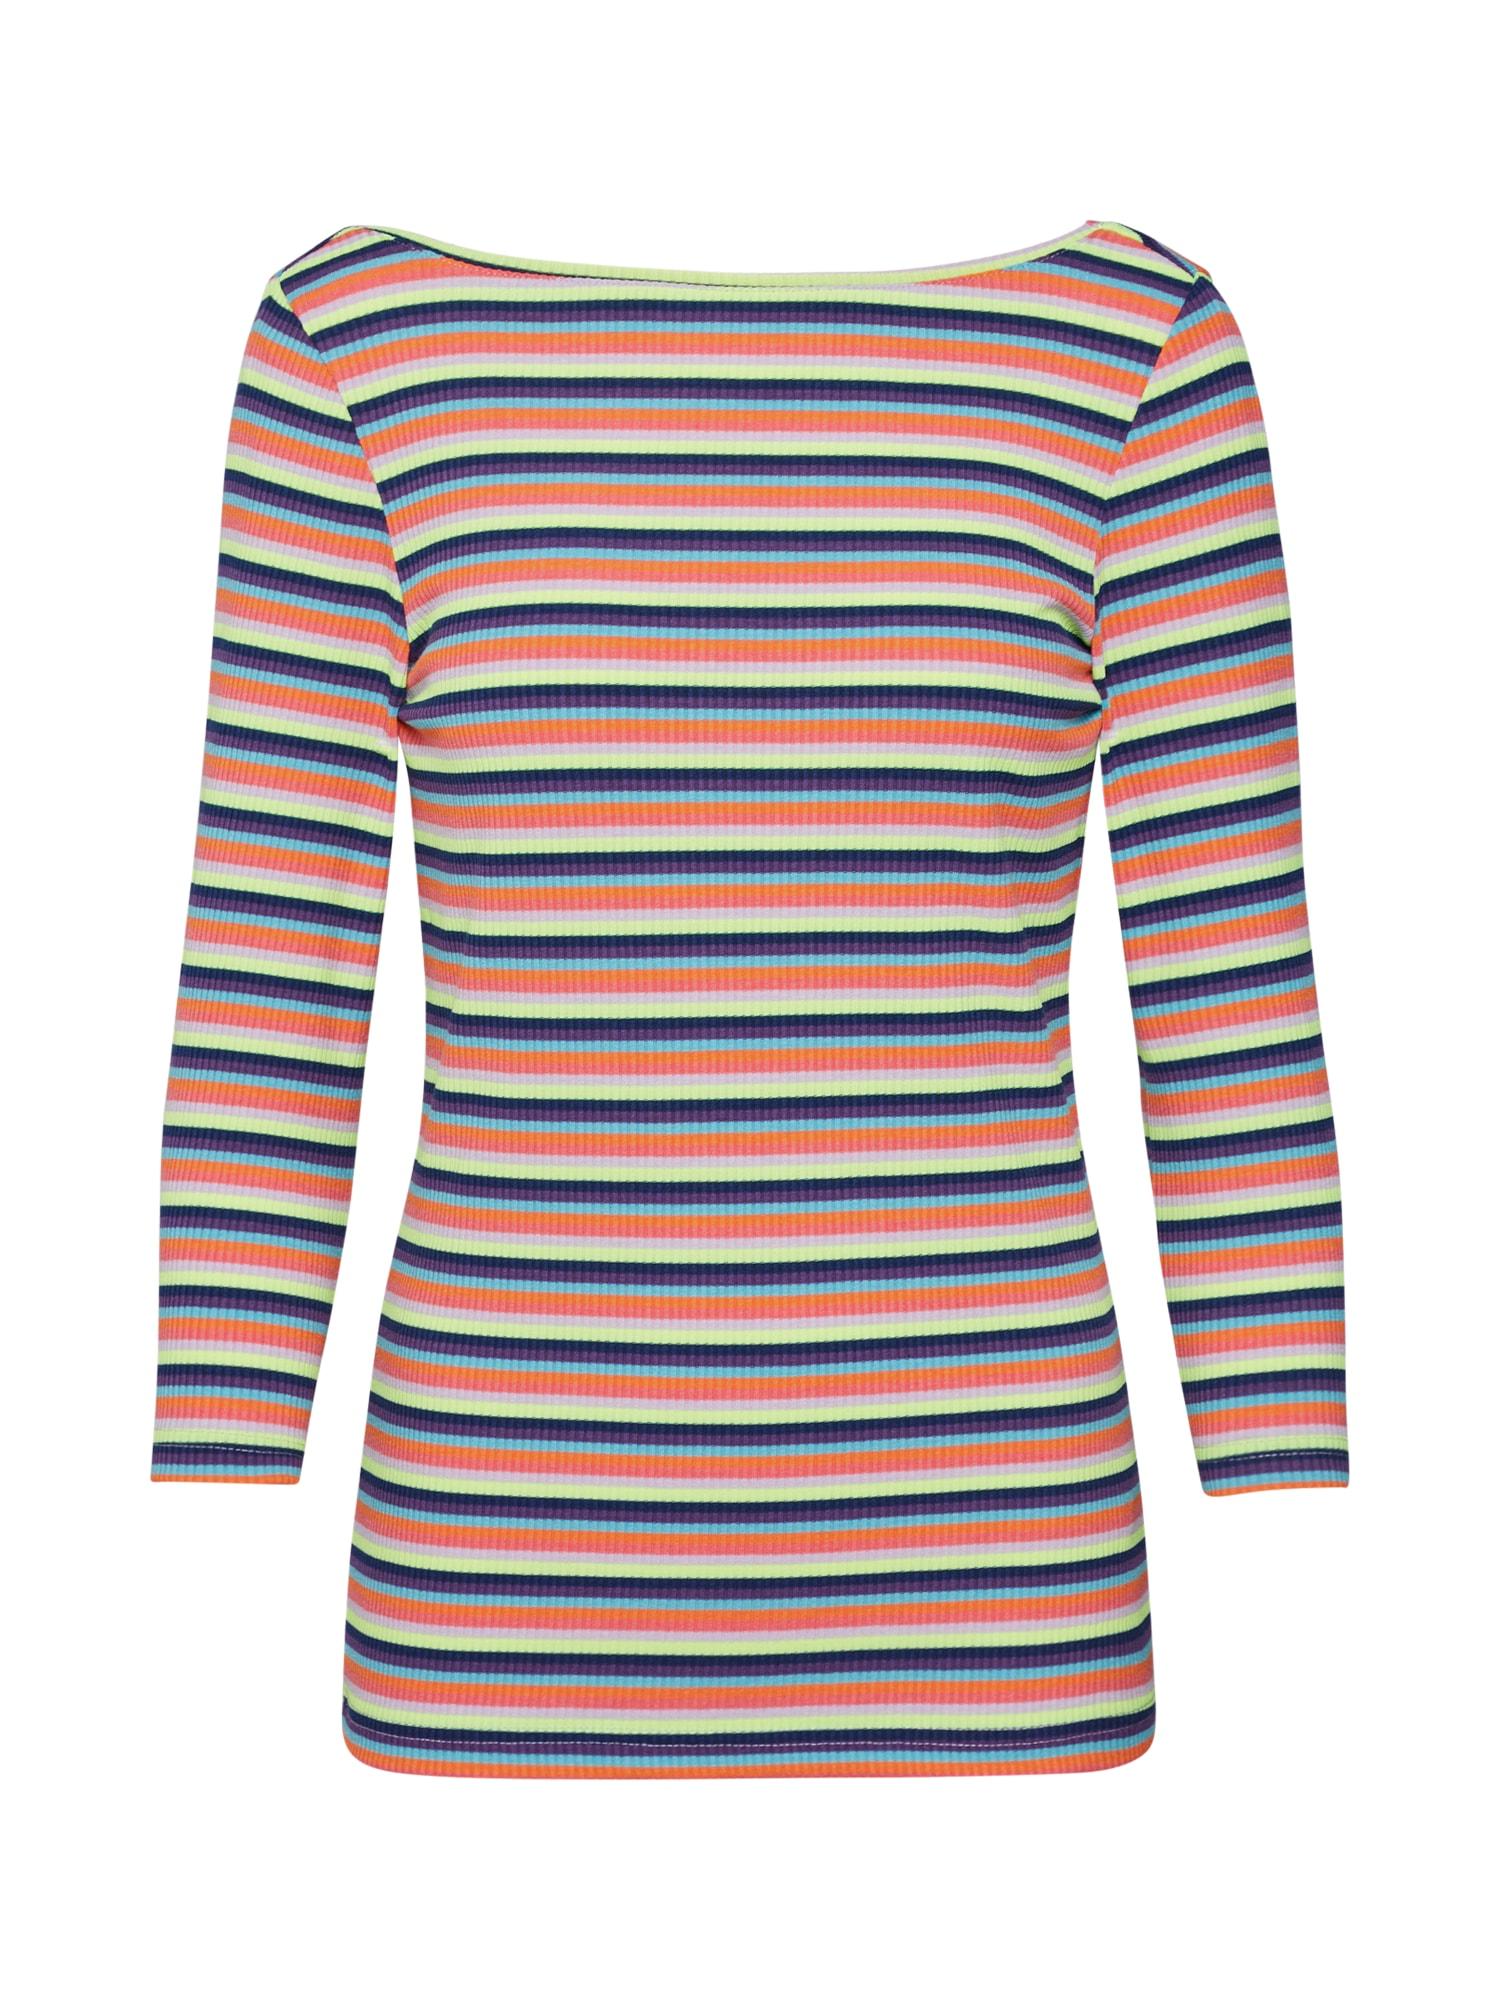 EDC BY ESPRIT Marškinėliai 'Rainbow Rib' mišrios spalvos